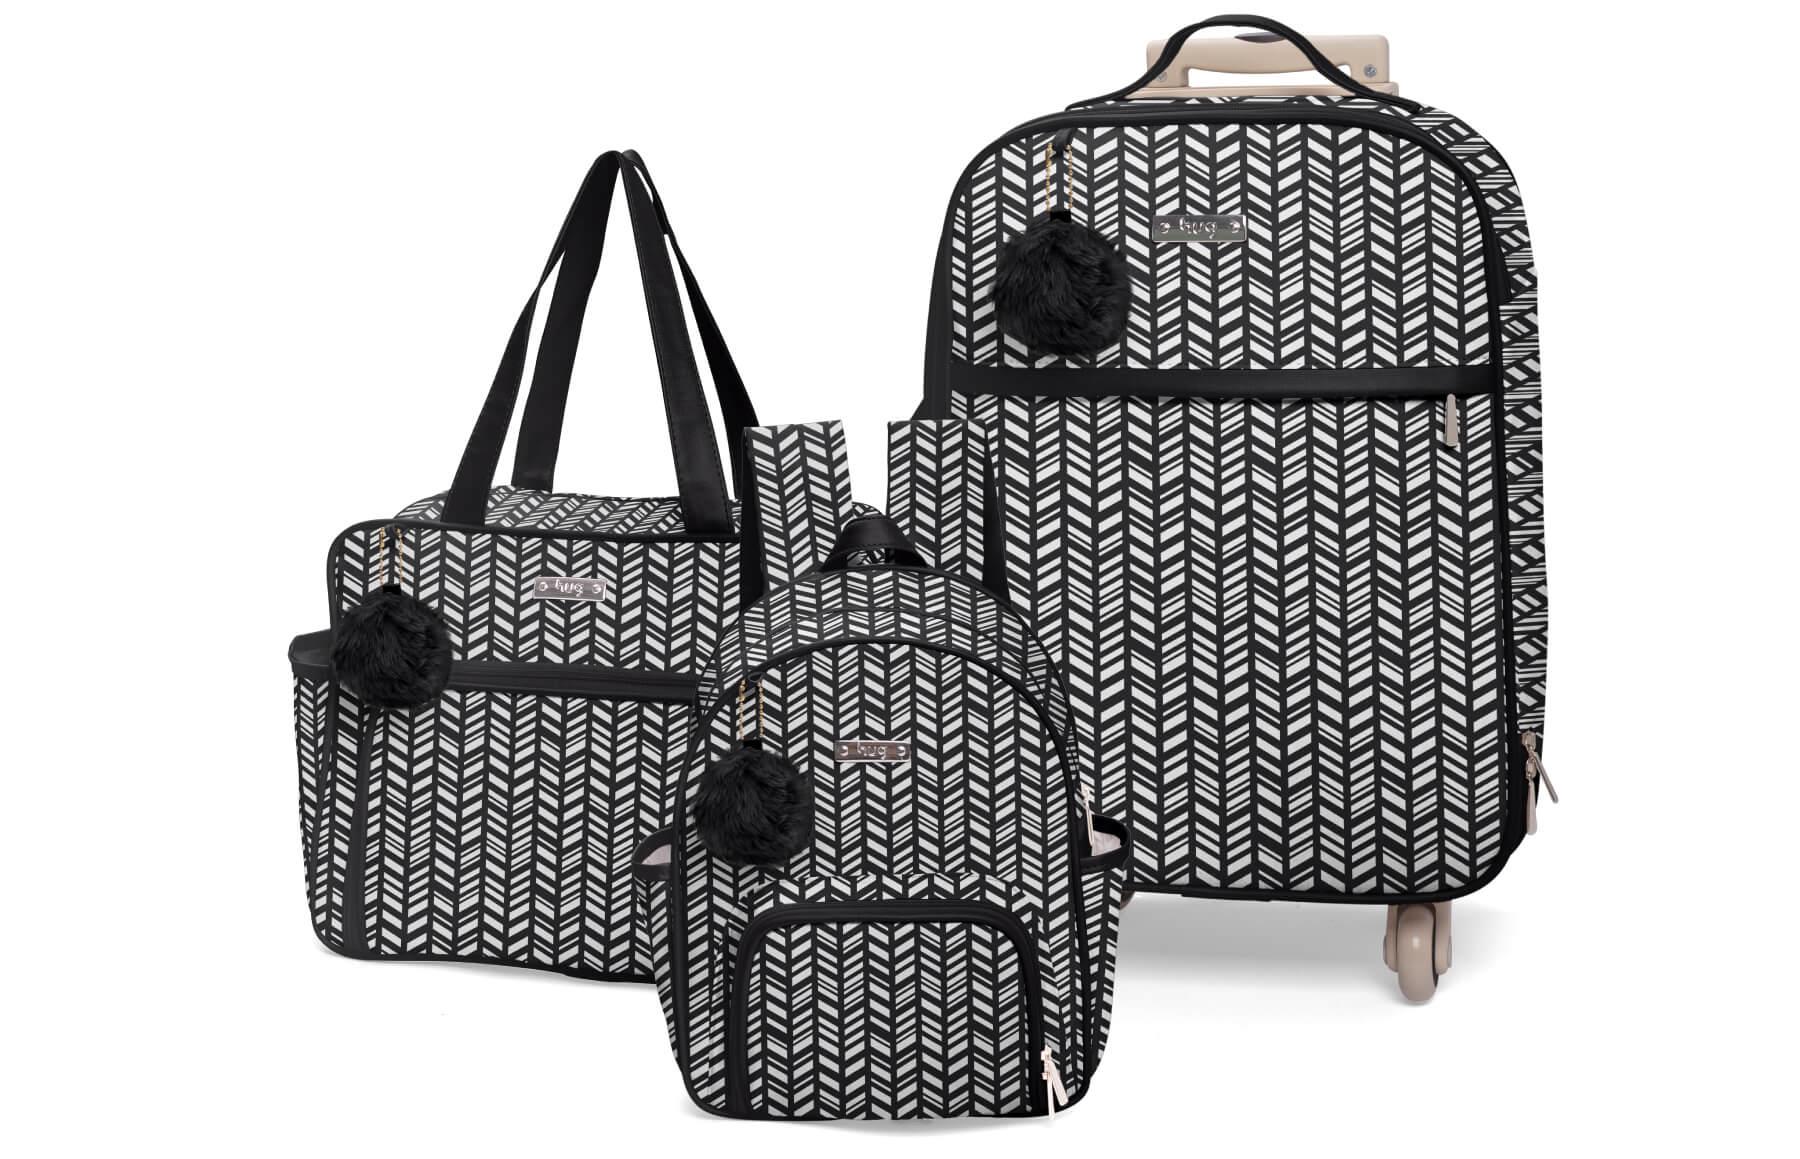 Kit de bolsas 3 peças linha Marrocos cor preta